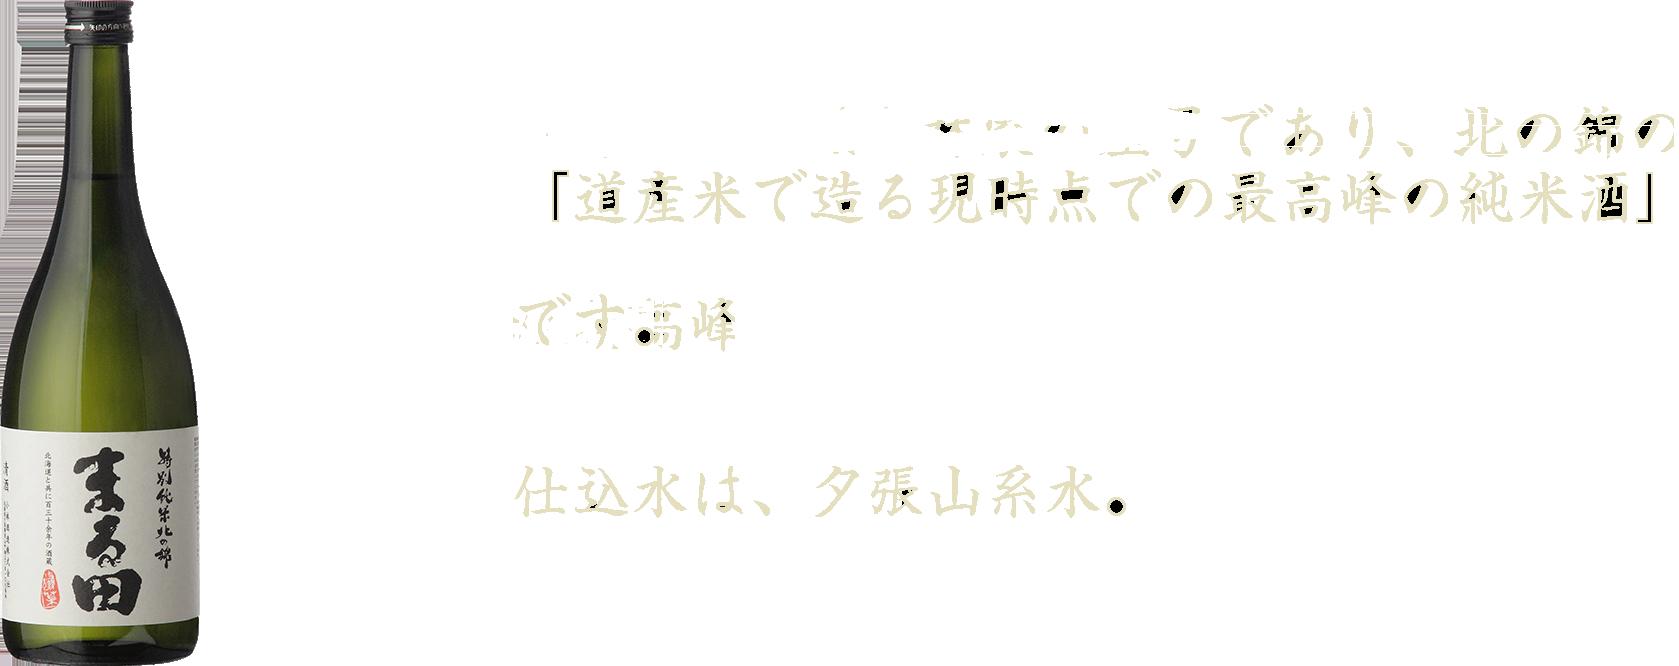 『道産米で造る現時点での最高峰の純米酒』の最高峰です。仕込水は、夕張山系水。